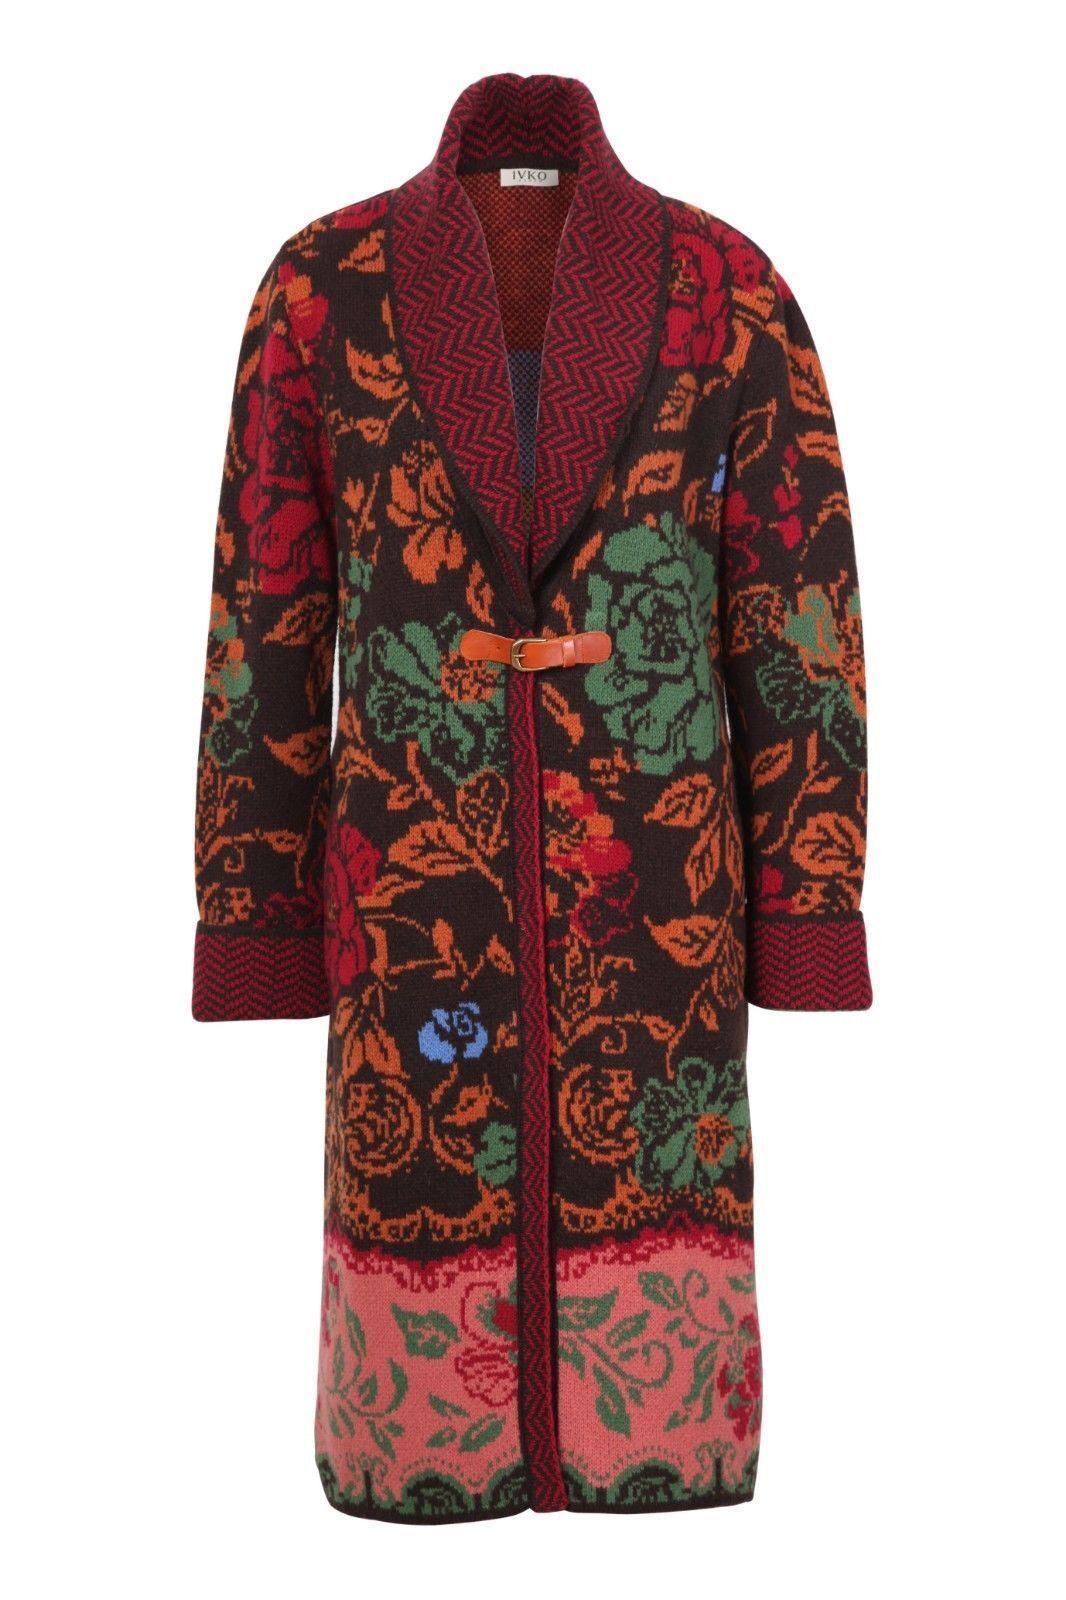 Precioso abrigo. Ivko. nuevo. folklore.  lana. elegante. muy noble.gr.38-40-42  precios bajos todos los dias